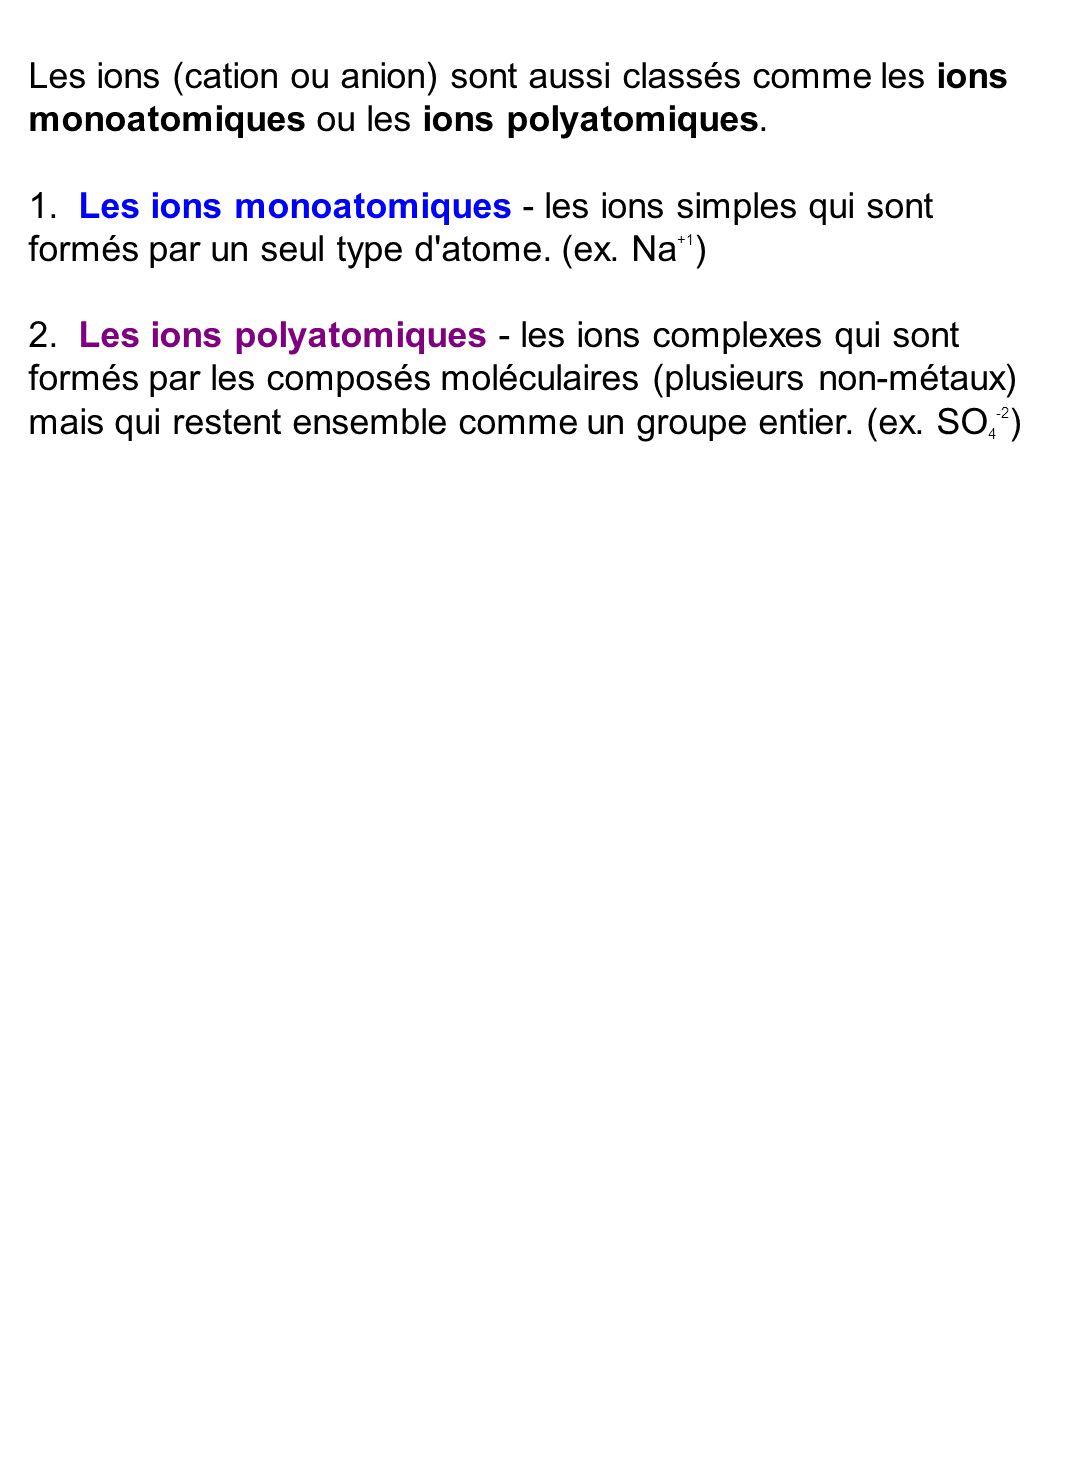 Les ions (cation ou anion) sont aussi classés comme les ions monoatomiques ou les ions polyatomiques. 1. Les ions monoatomiques - les ions simples qui